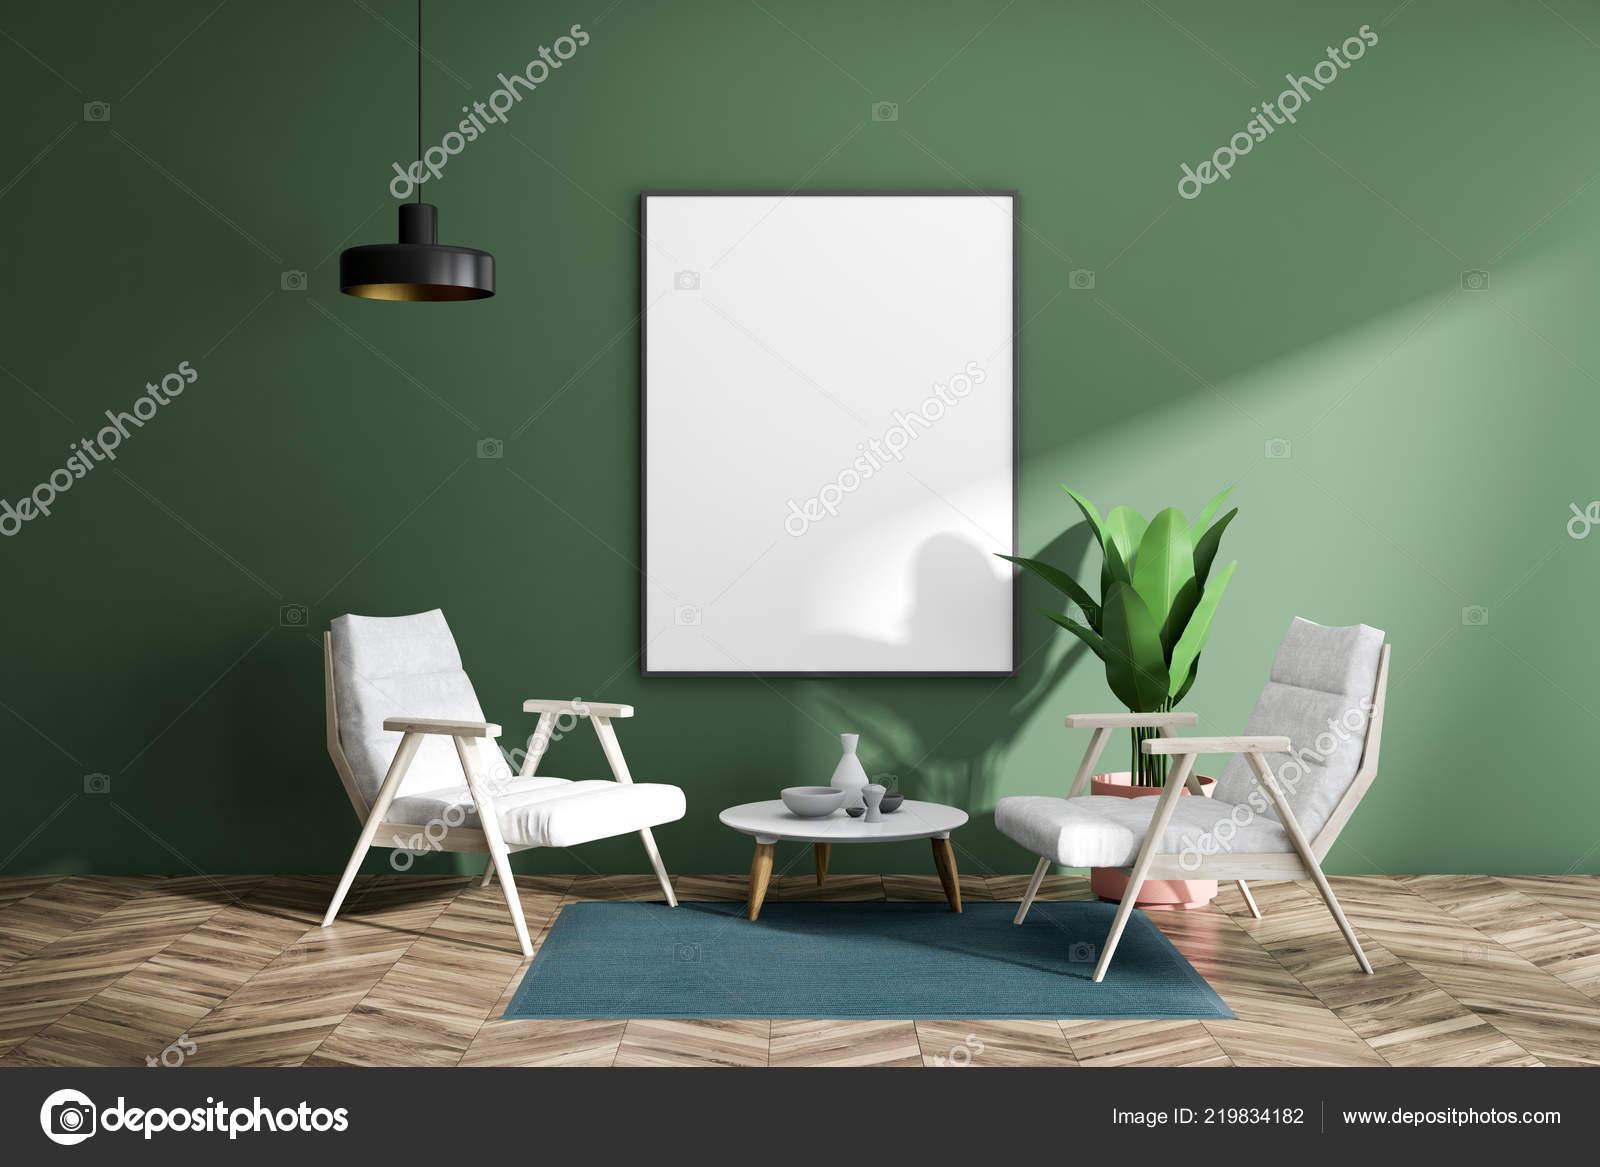 Minimalistische groene woonkamer interieur met houten vloer